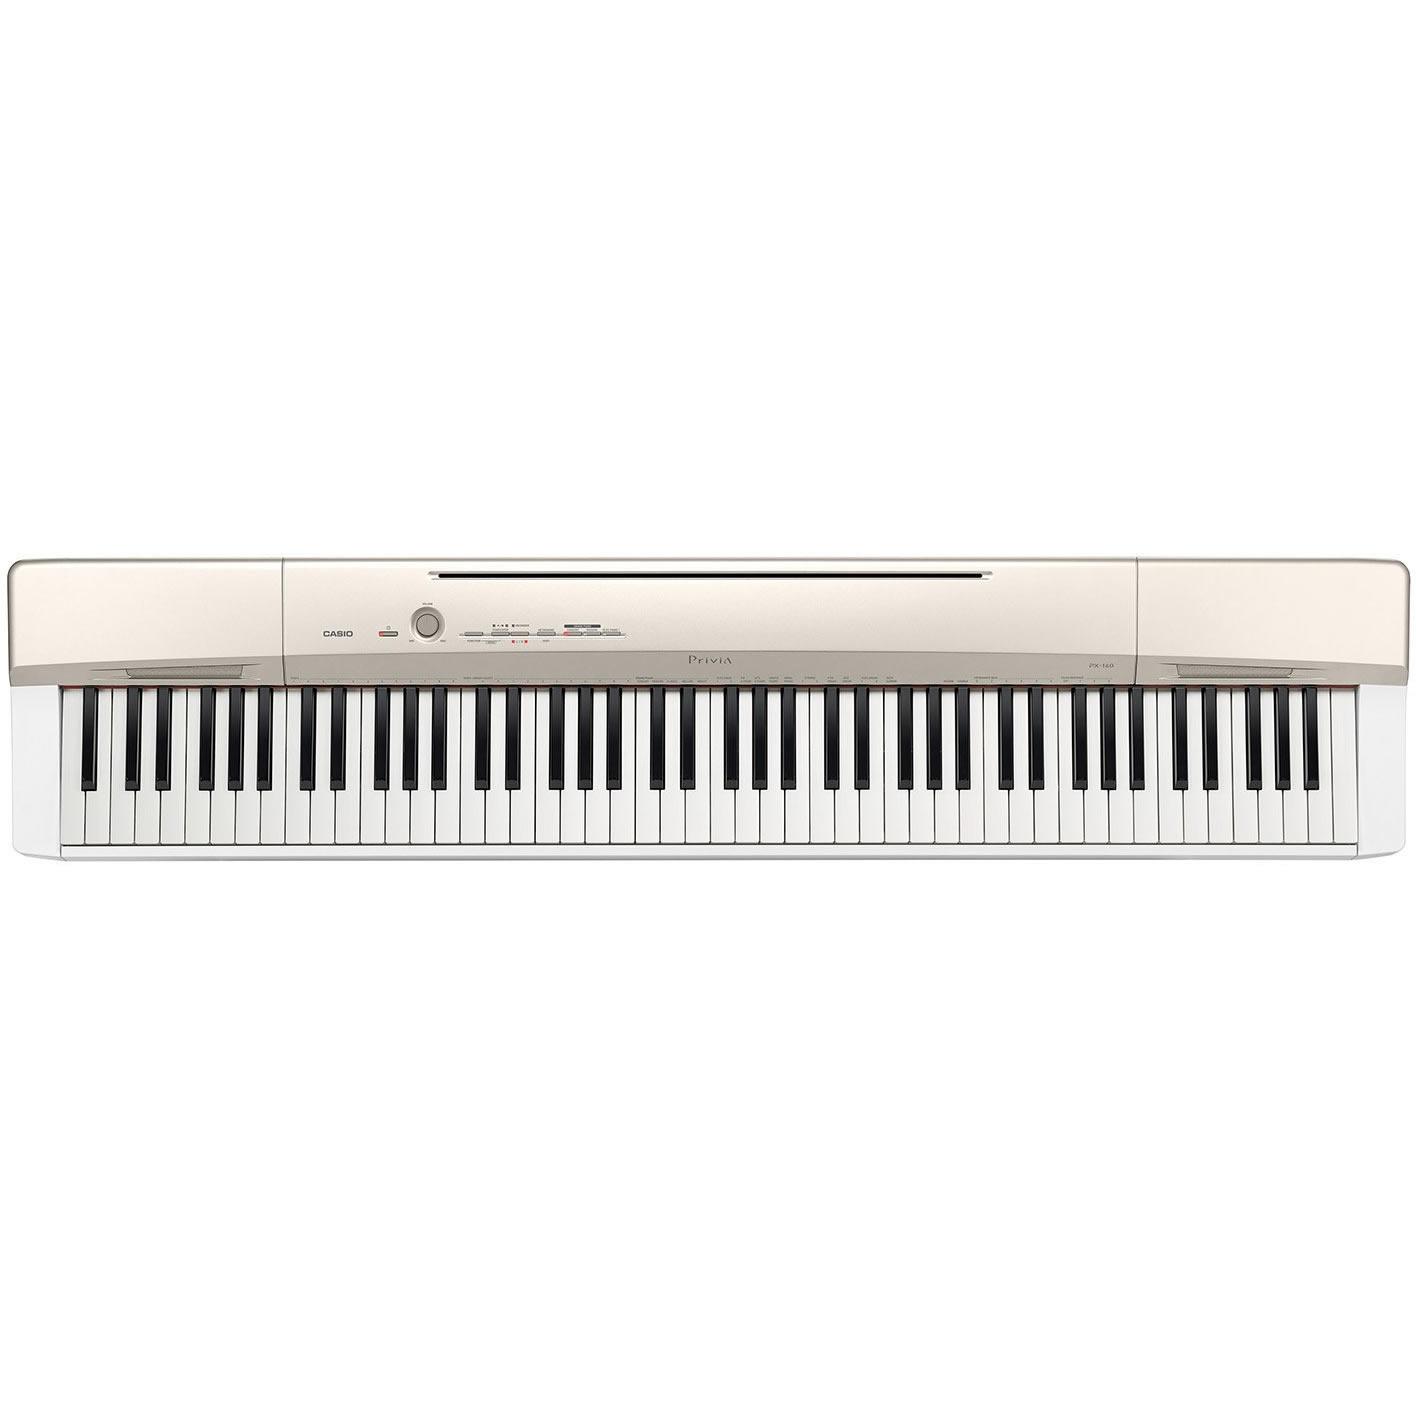 Piano CASIO Privia PX-160 GD Branco